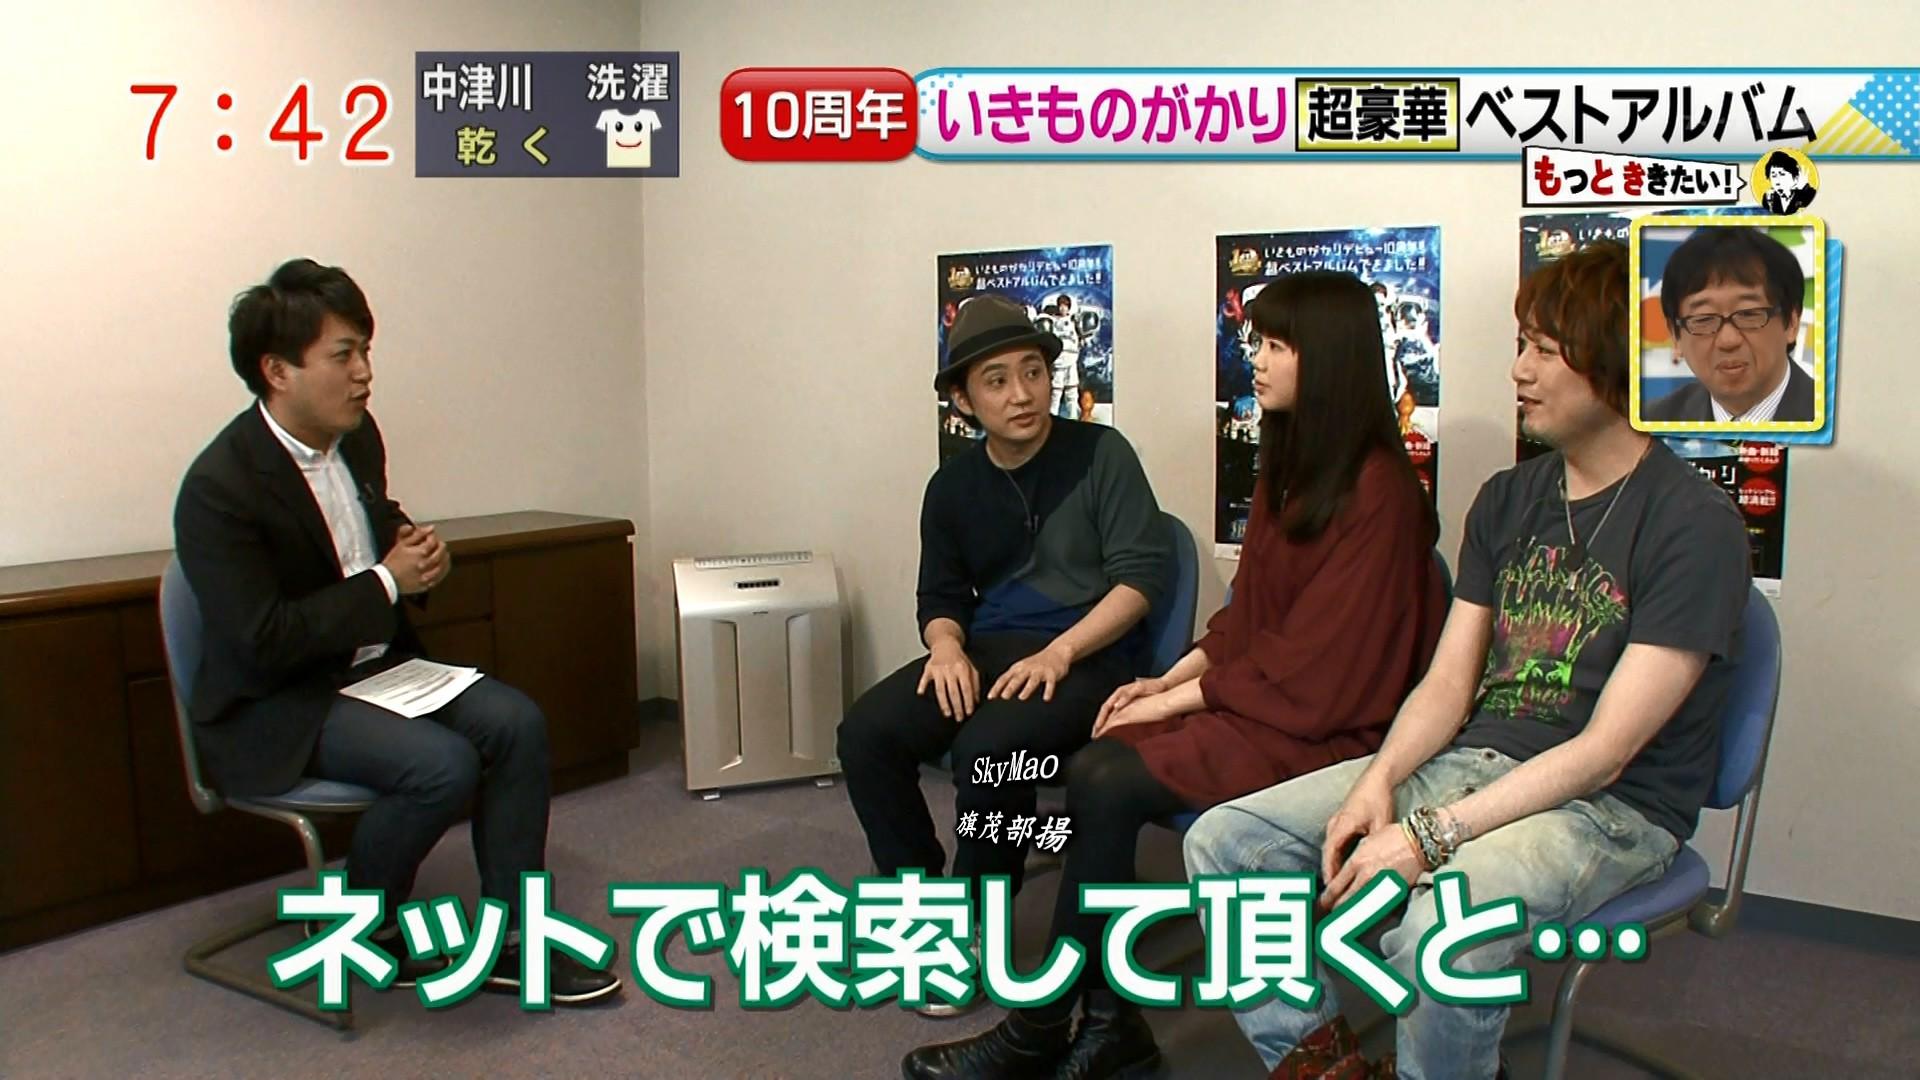 2016.03.28 いきものがかり(ドデスカ!).ts_20160328_140830.709